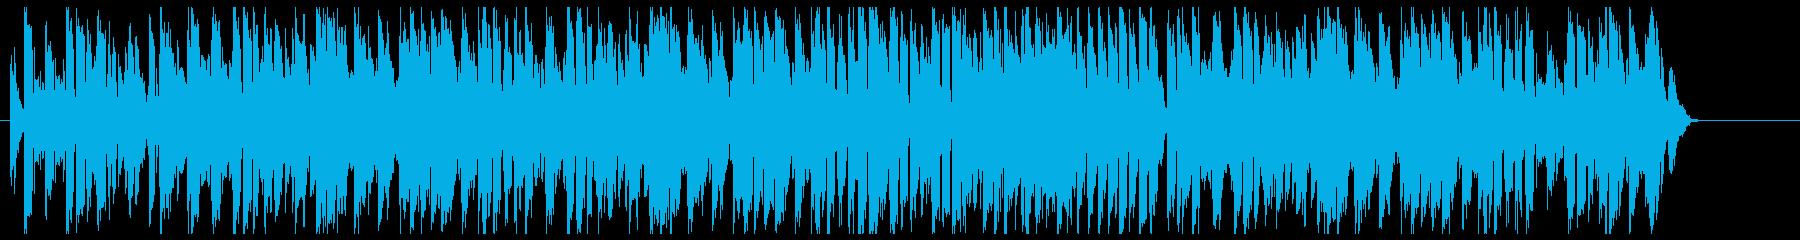 パスタなどの料理に合うジプシースウィングの再生済みの波形